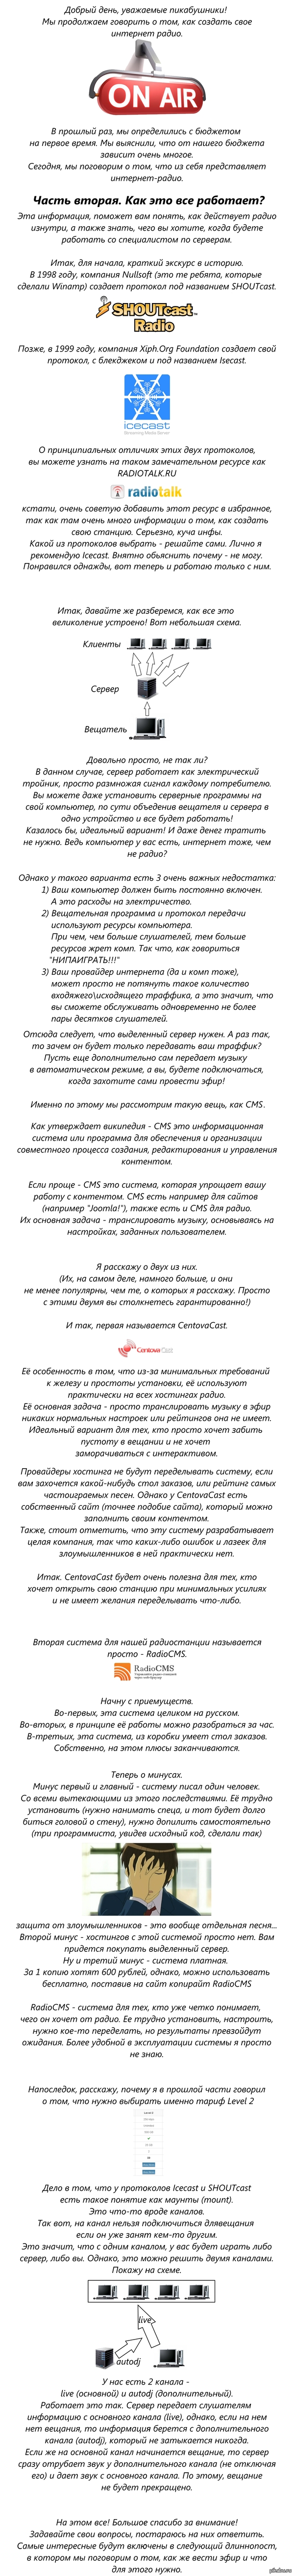 """Открываем свое интернет-радио. Часть вторая. Предыдущая часть - <a href=""""http://pikabu.ru/story/otkryivaem_svoe_internetradio_chast_pervaya_3034950"""">http://pikabu.ru/story/_3034950</a>"""